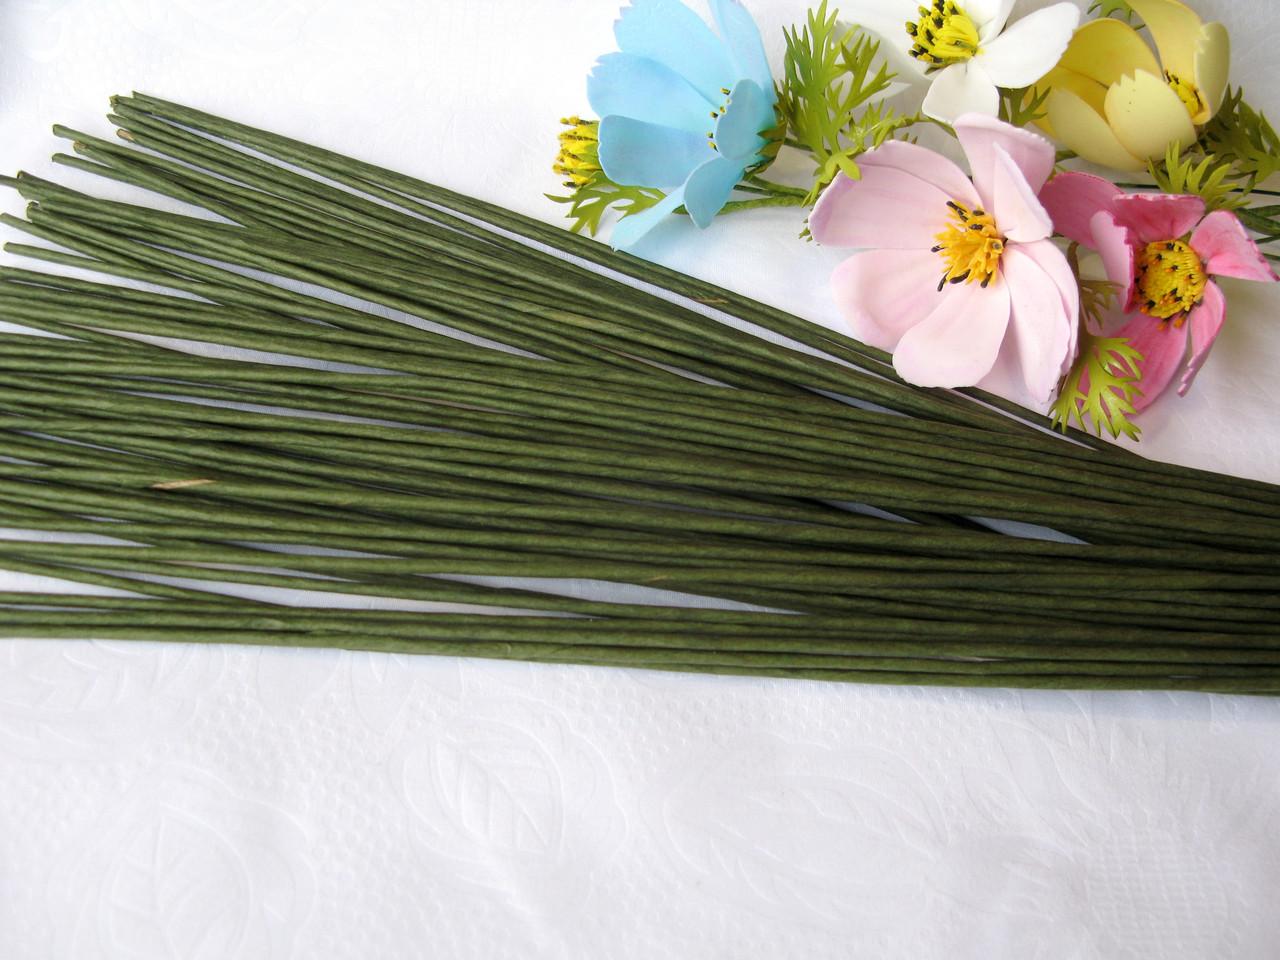 Проволока герберная (флористическая) в обмотке. 2,5 мм 40 см